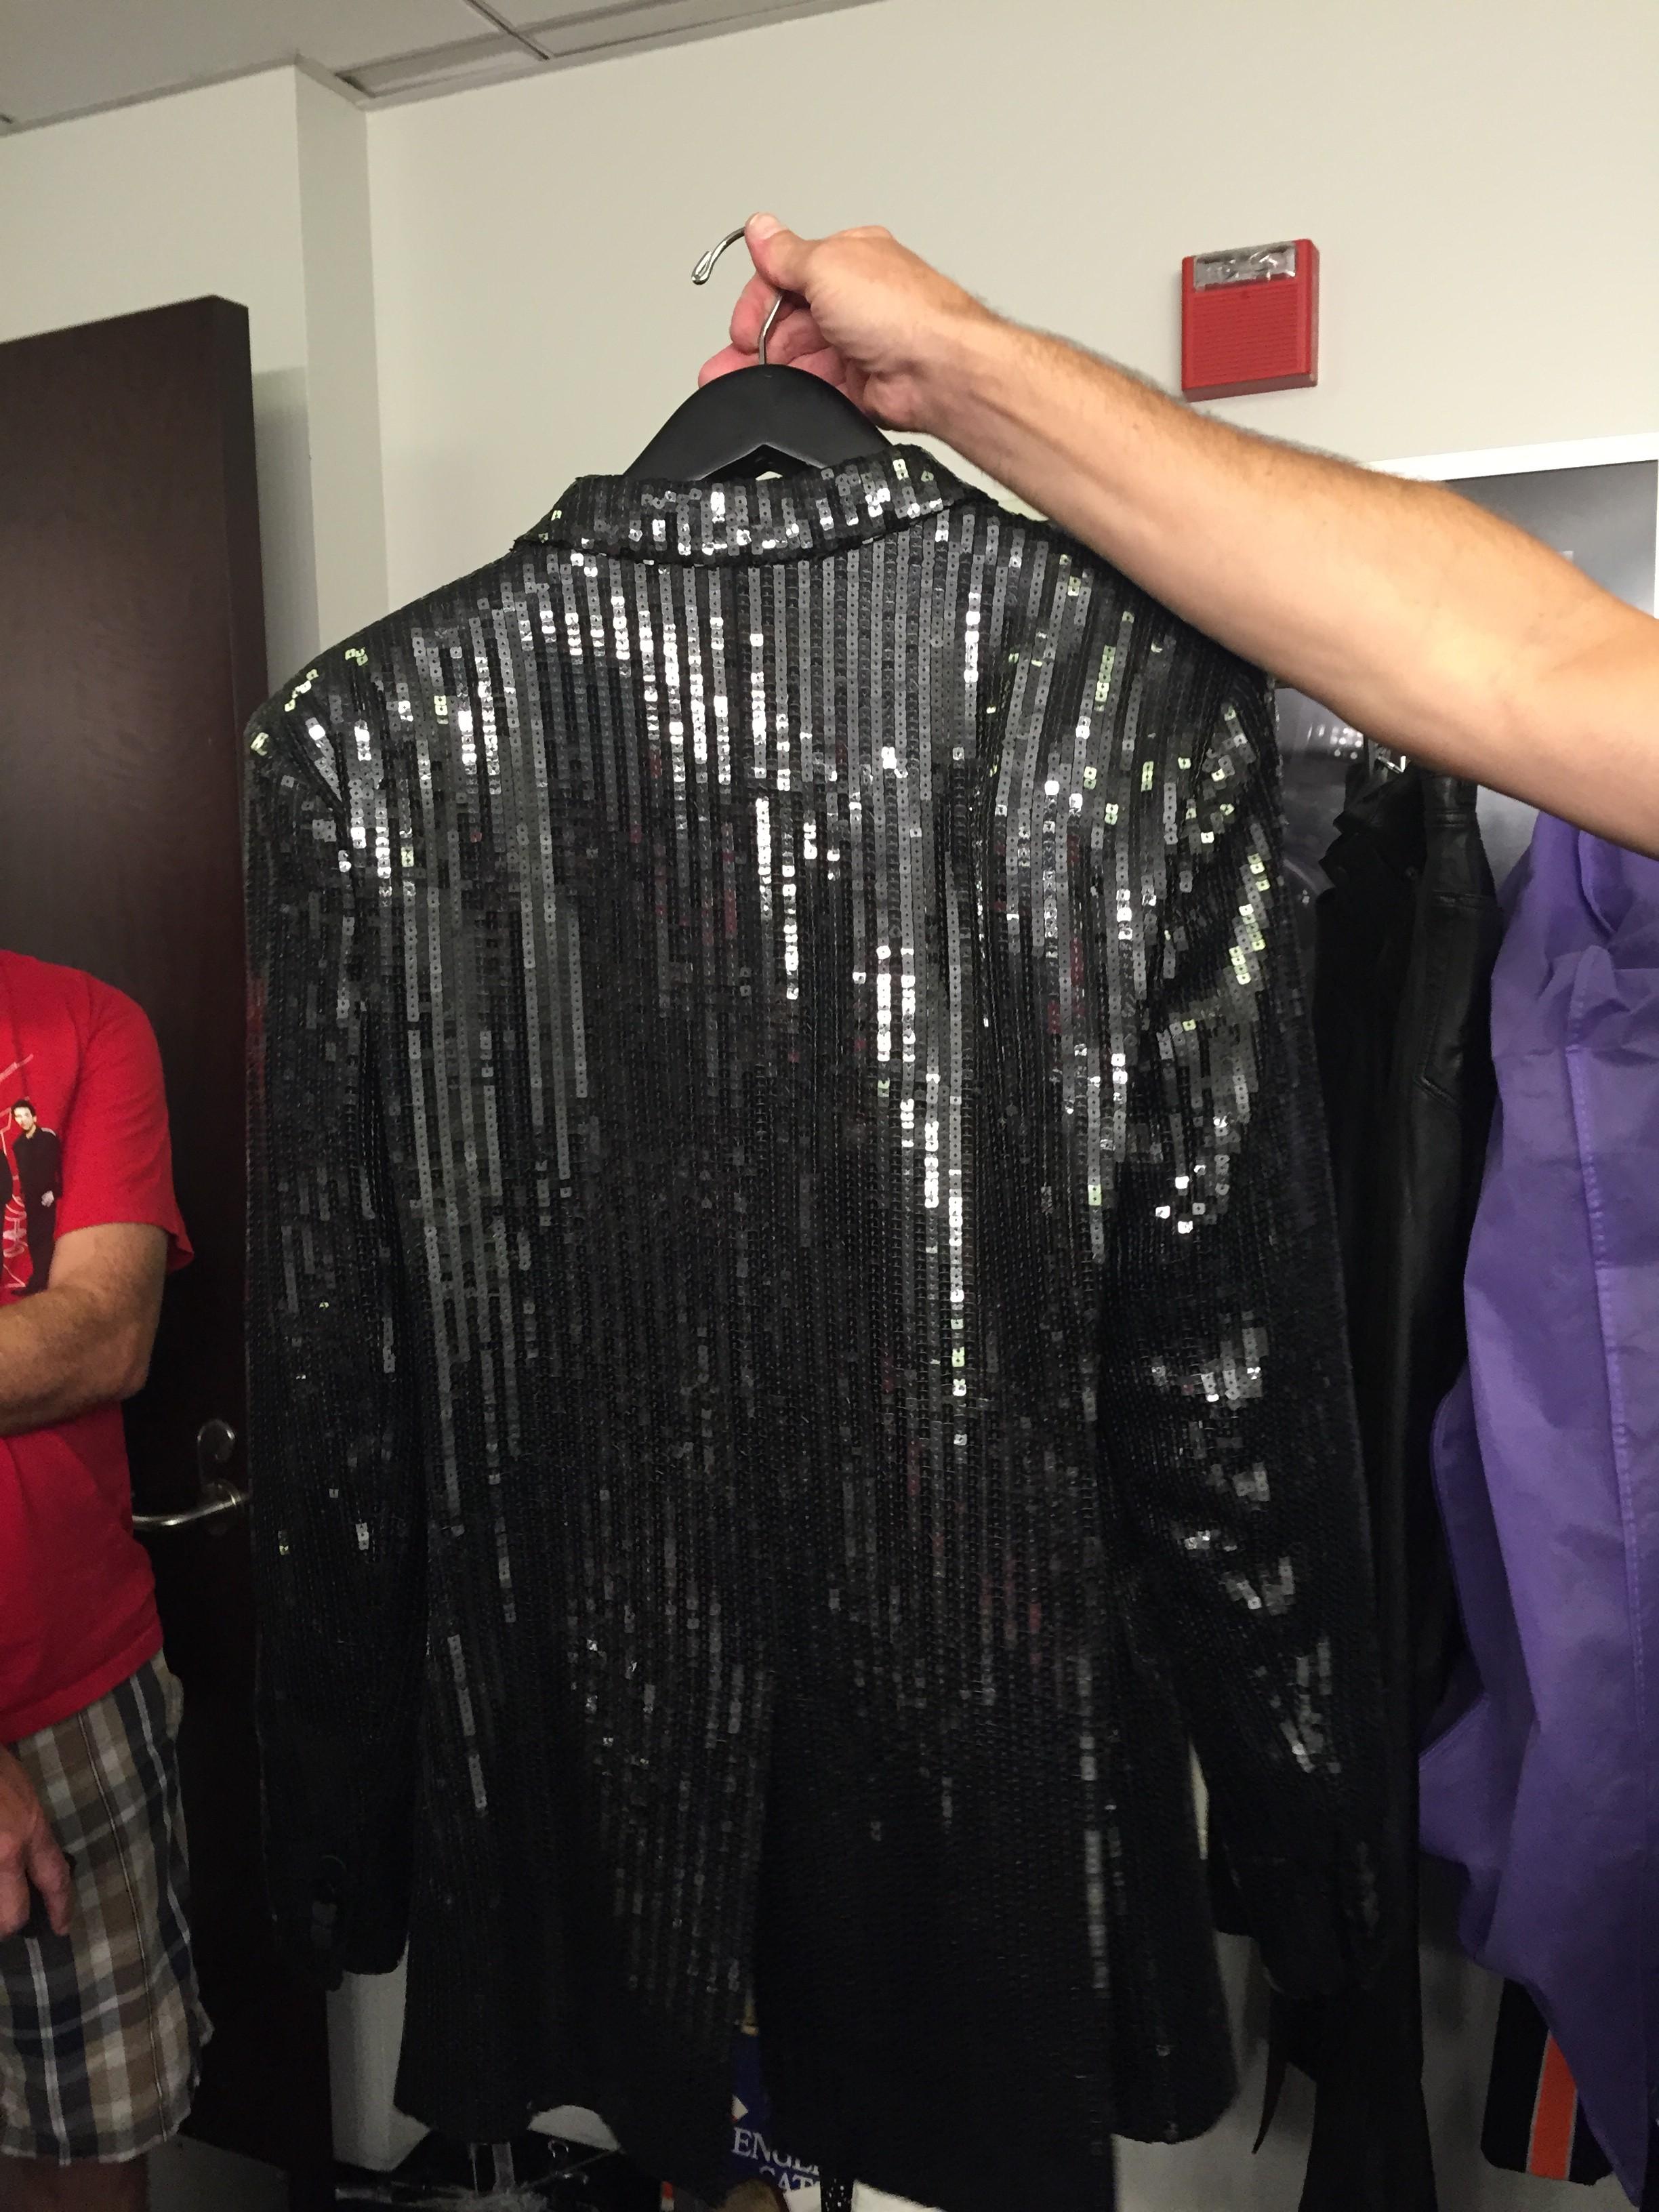 Simon's tuxedo jacket